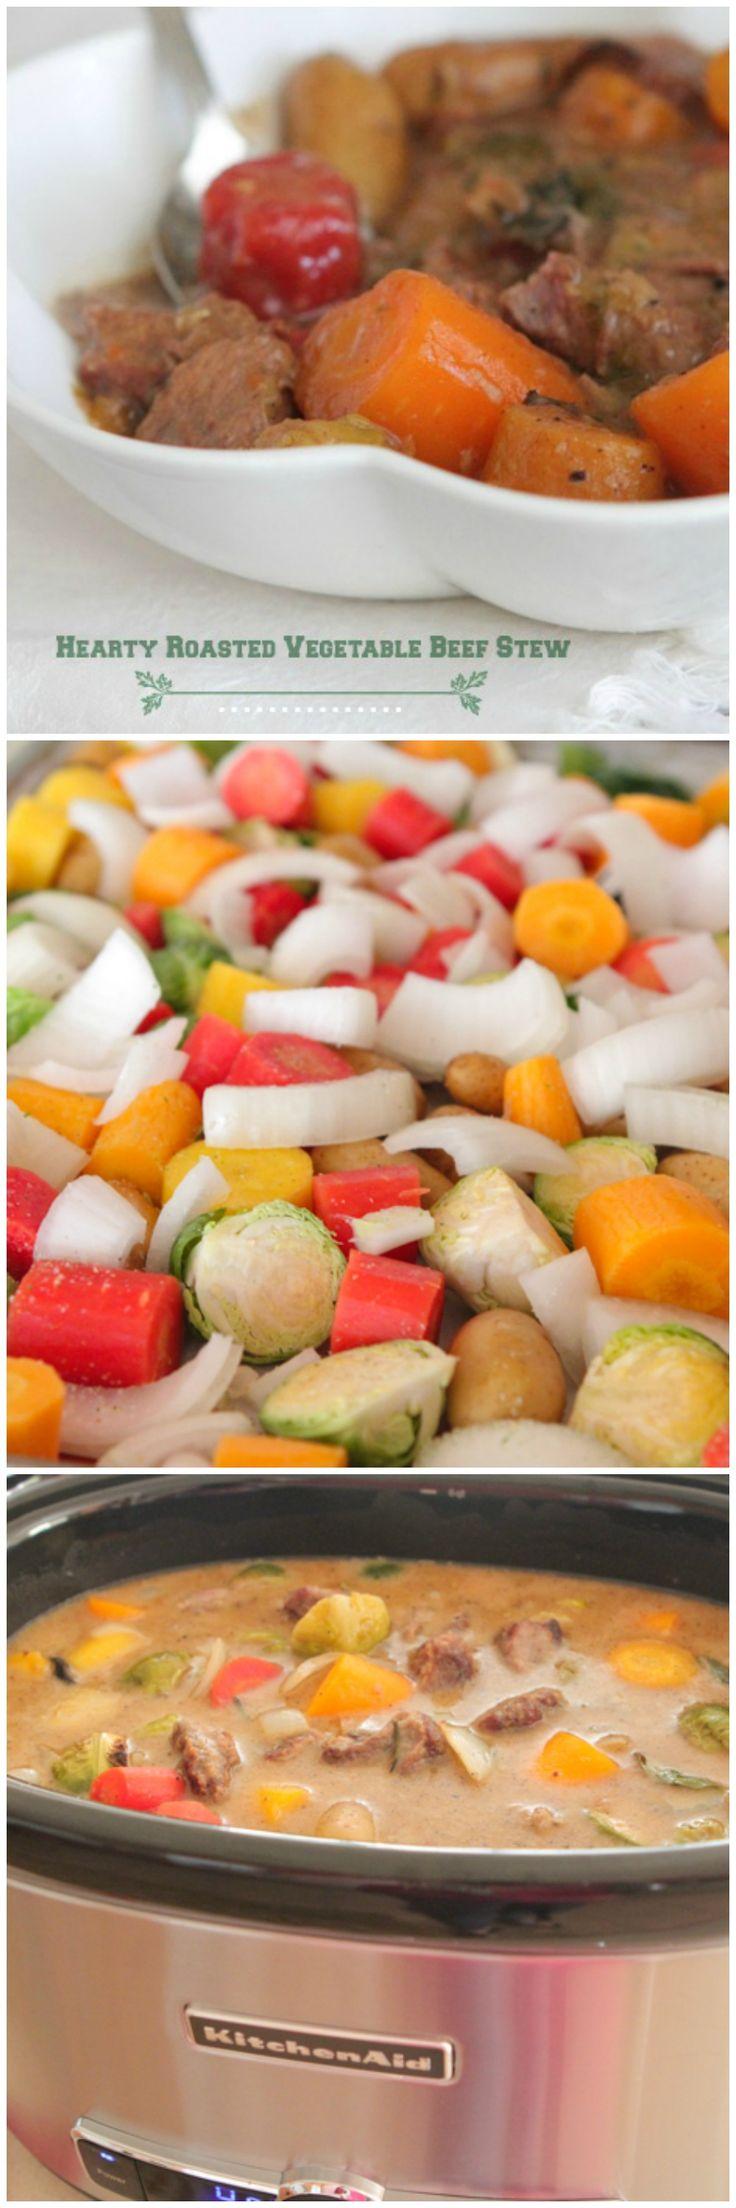 Hearty Roasted Vegetable Beef Stew! Comfort food in a bowl :) .#recetas #dietas y mucho mas en nuestra página web echale un vistazo